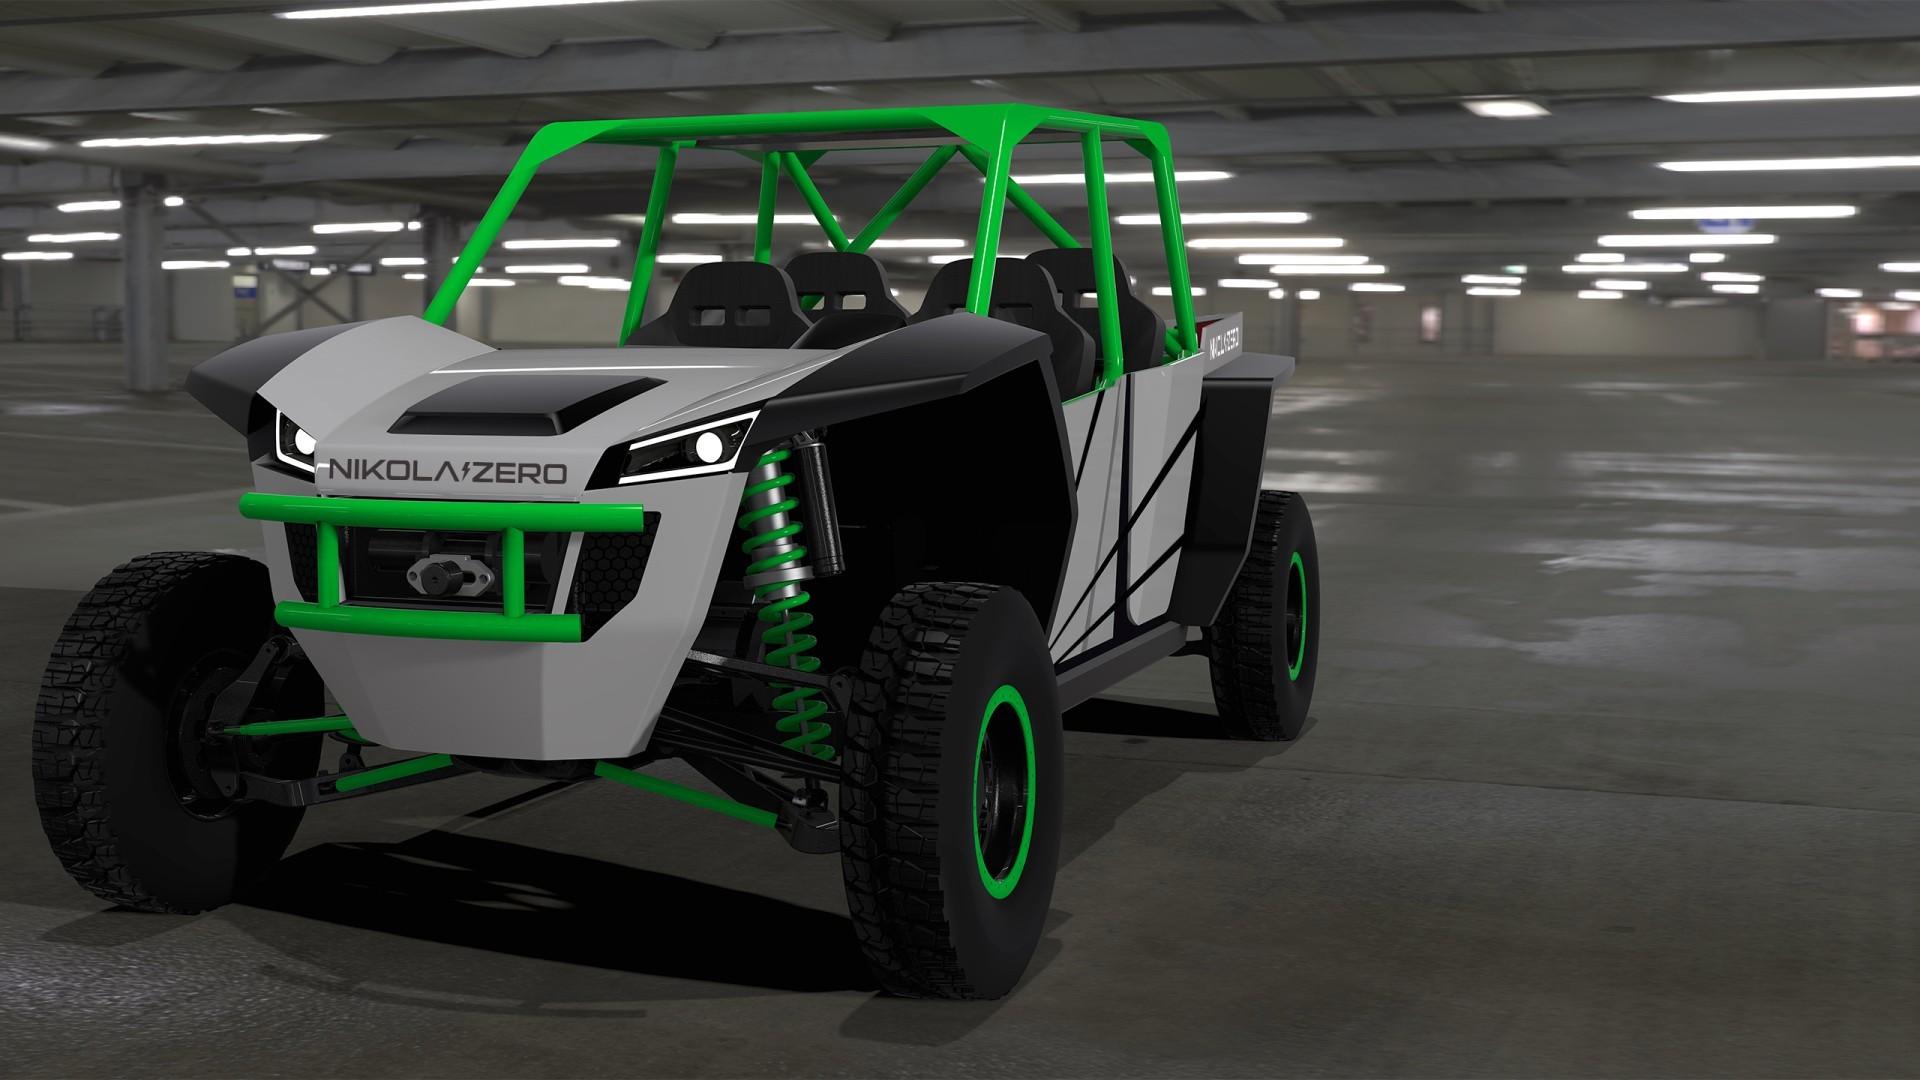 Мечта дальнобойщика. Электрический тягач Nikola One доступен для предзаказа - 9